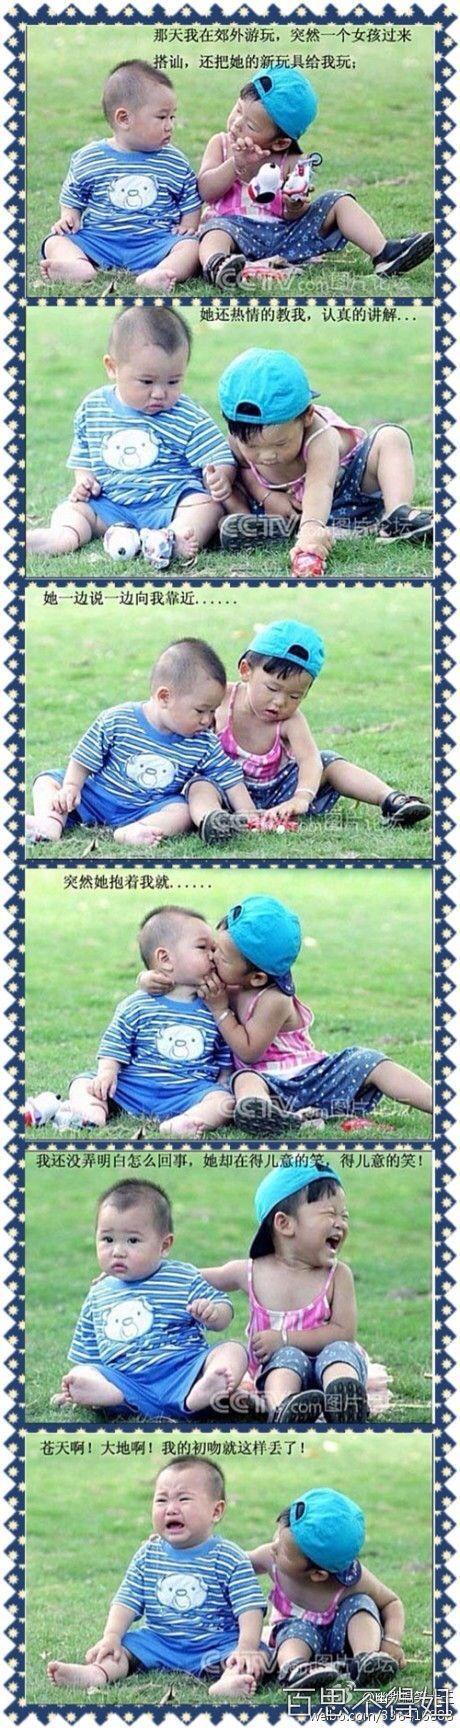 尼玛 还我初吻!!!